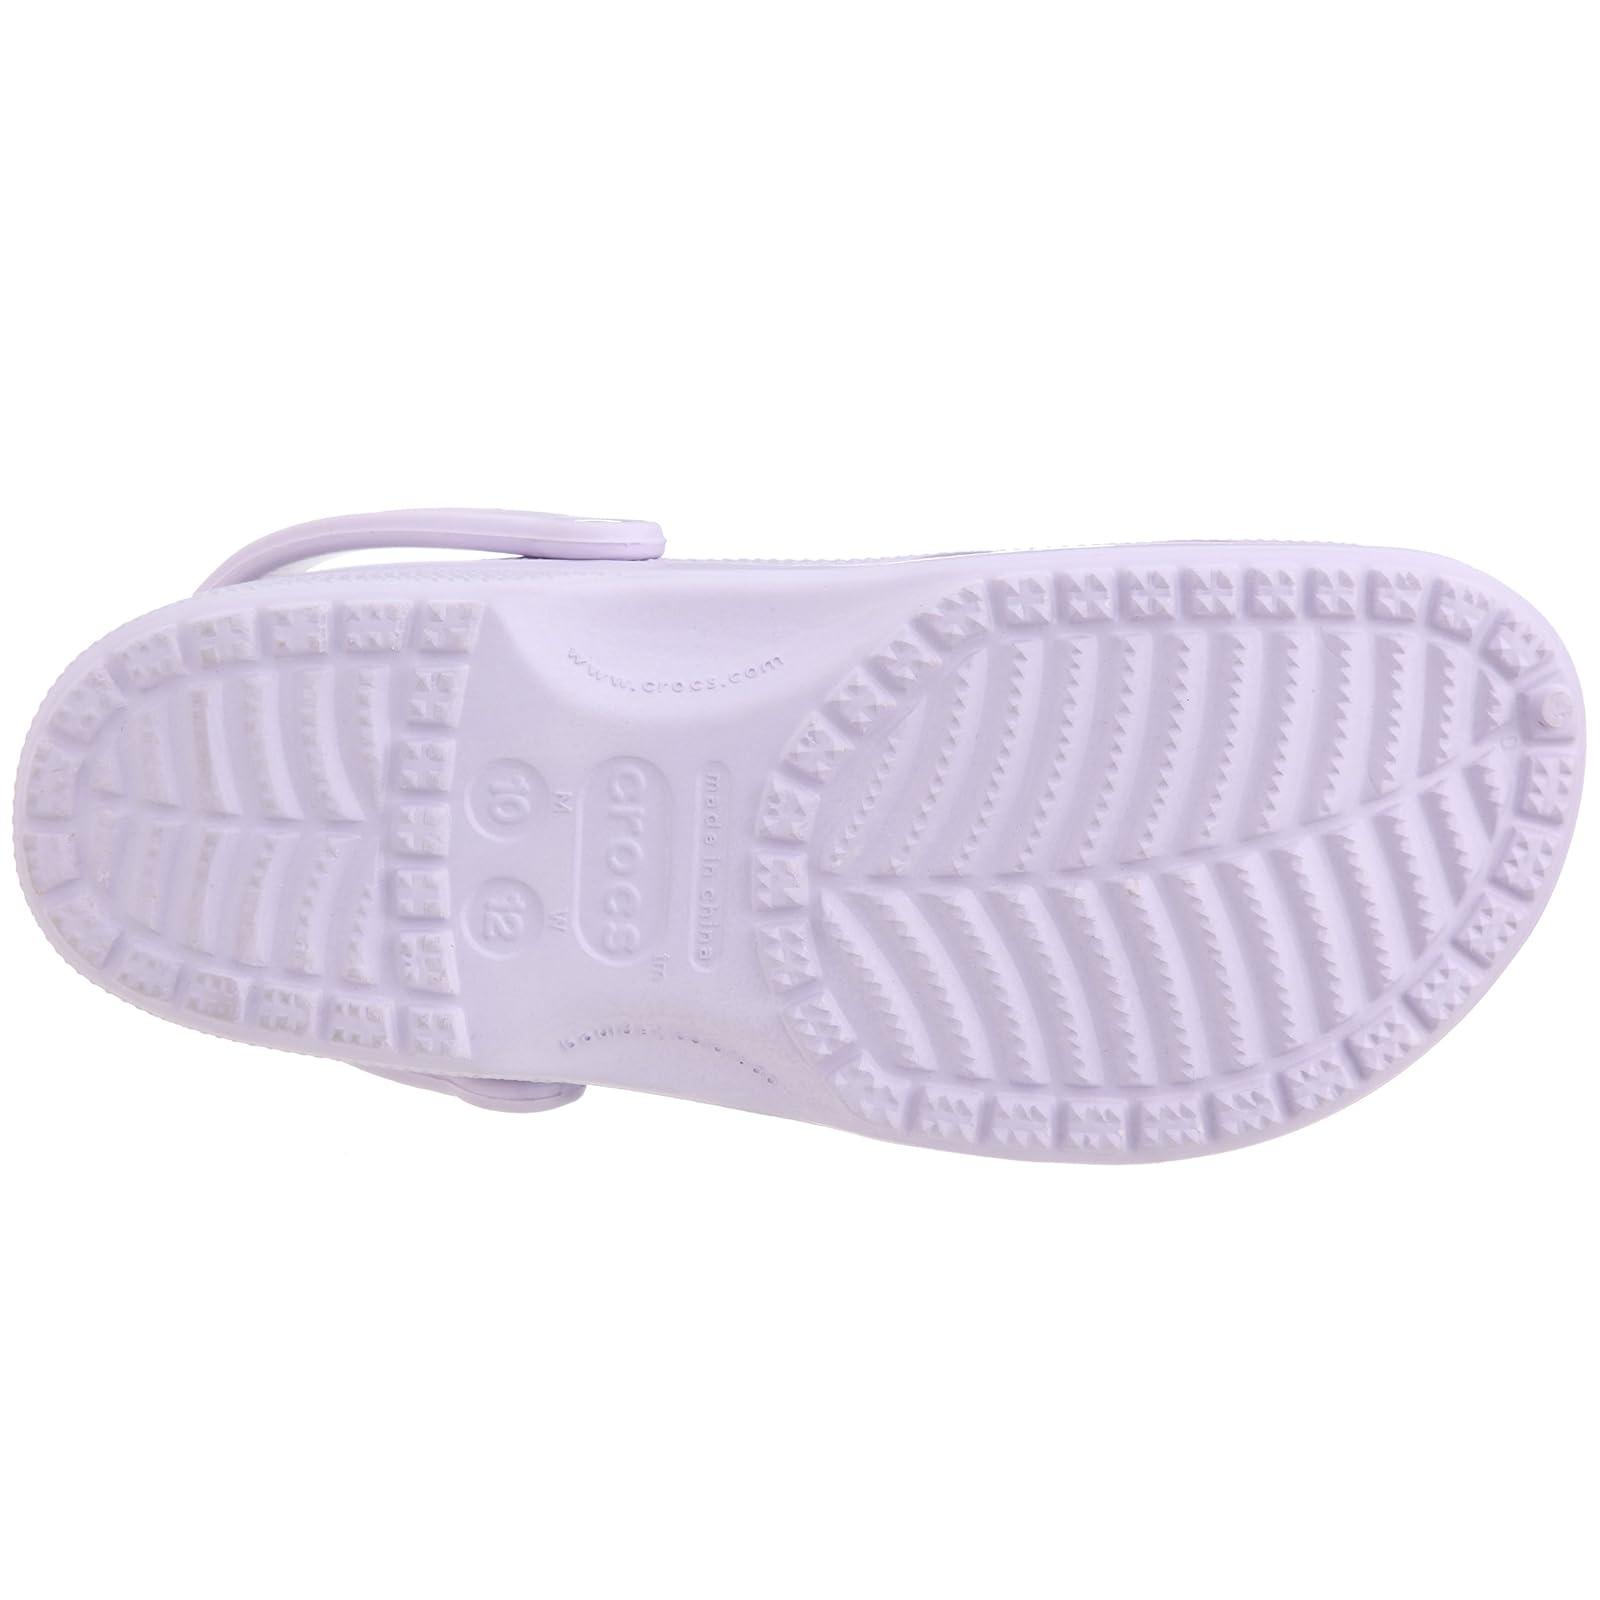 Crocs Men's and Women's Classic - 3